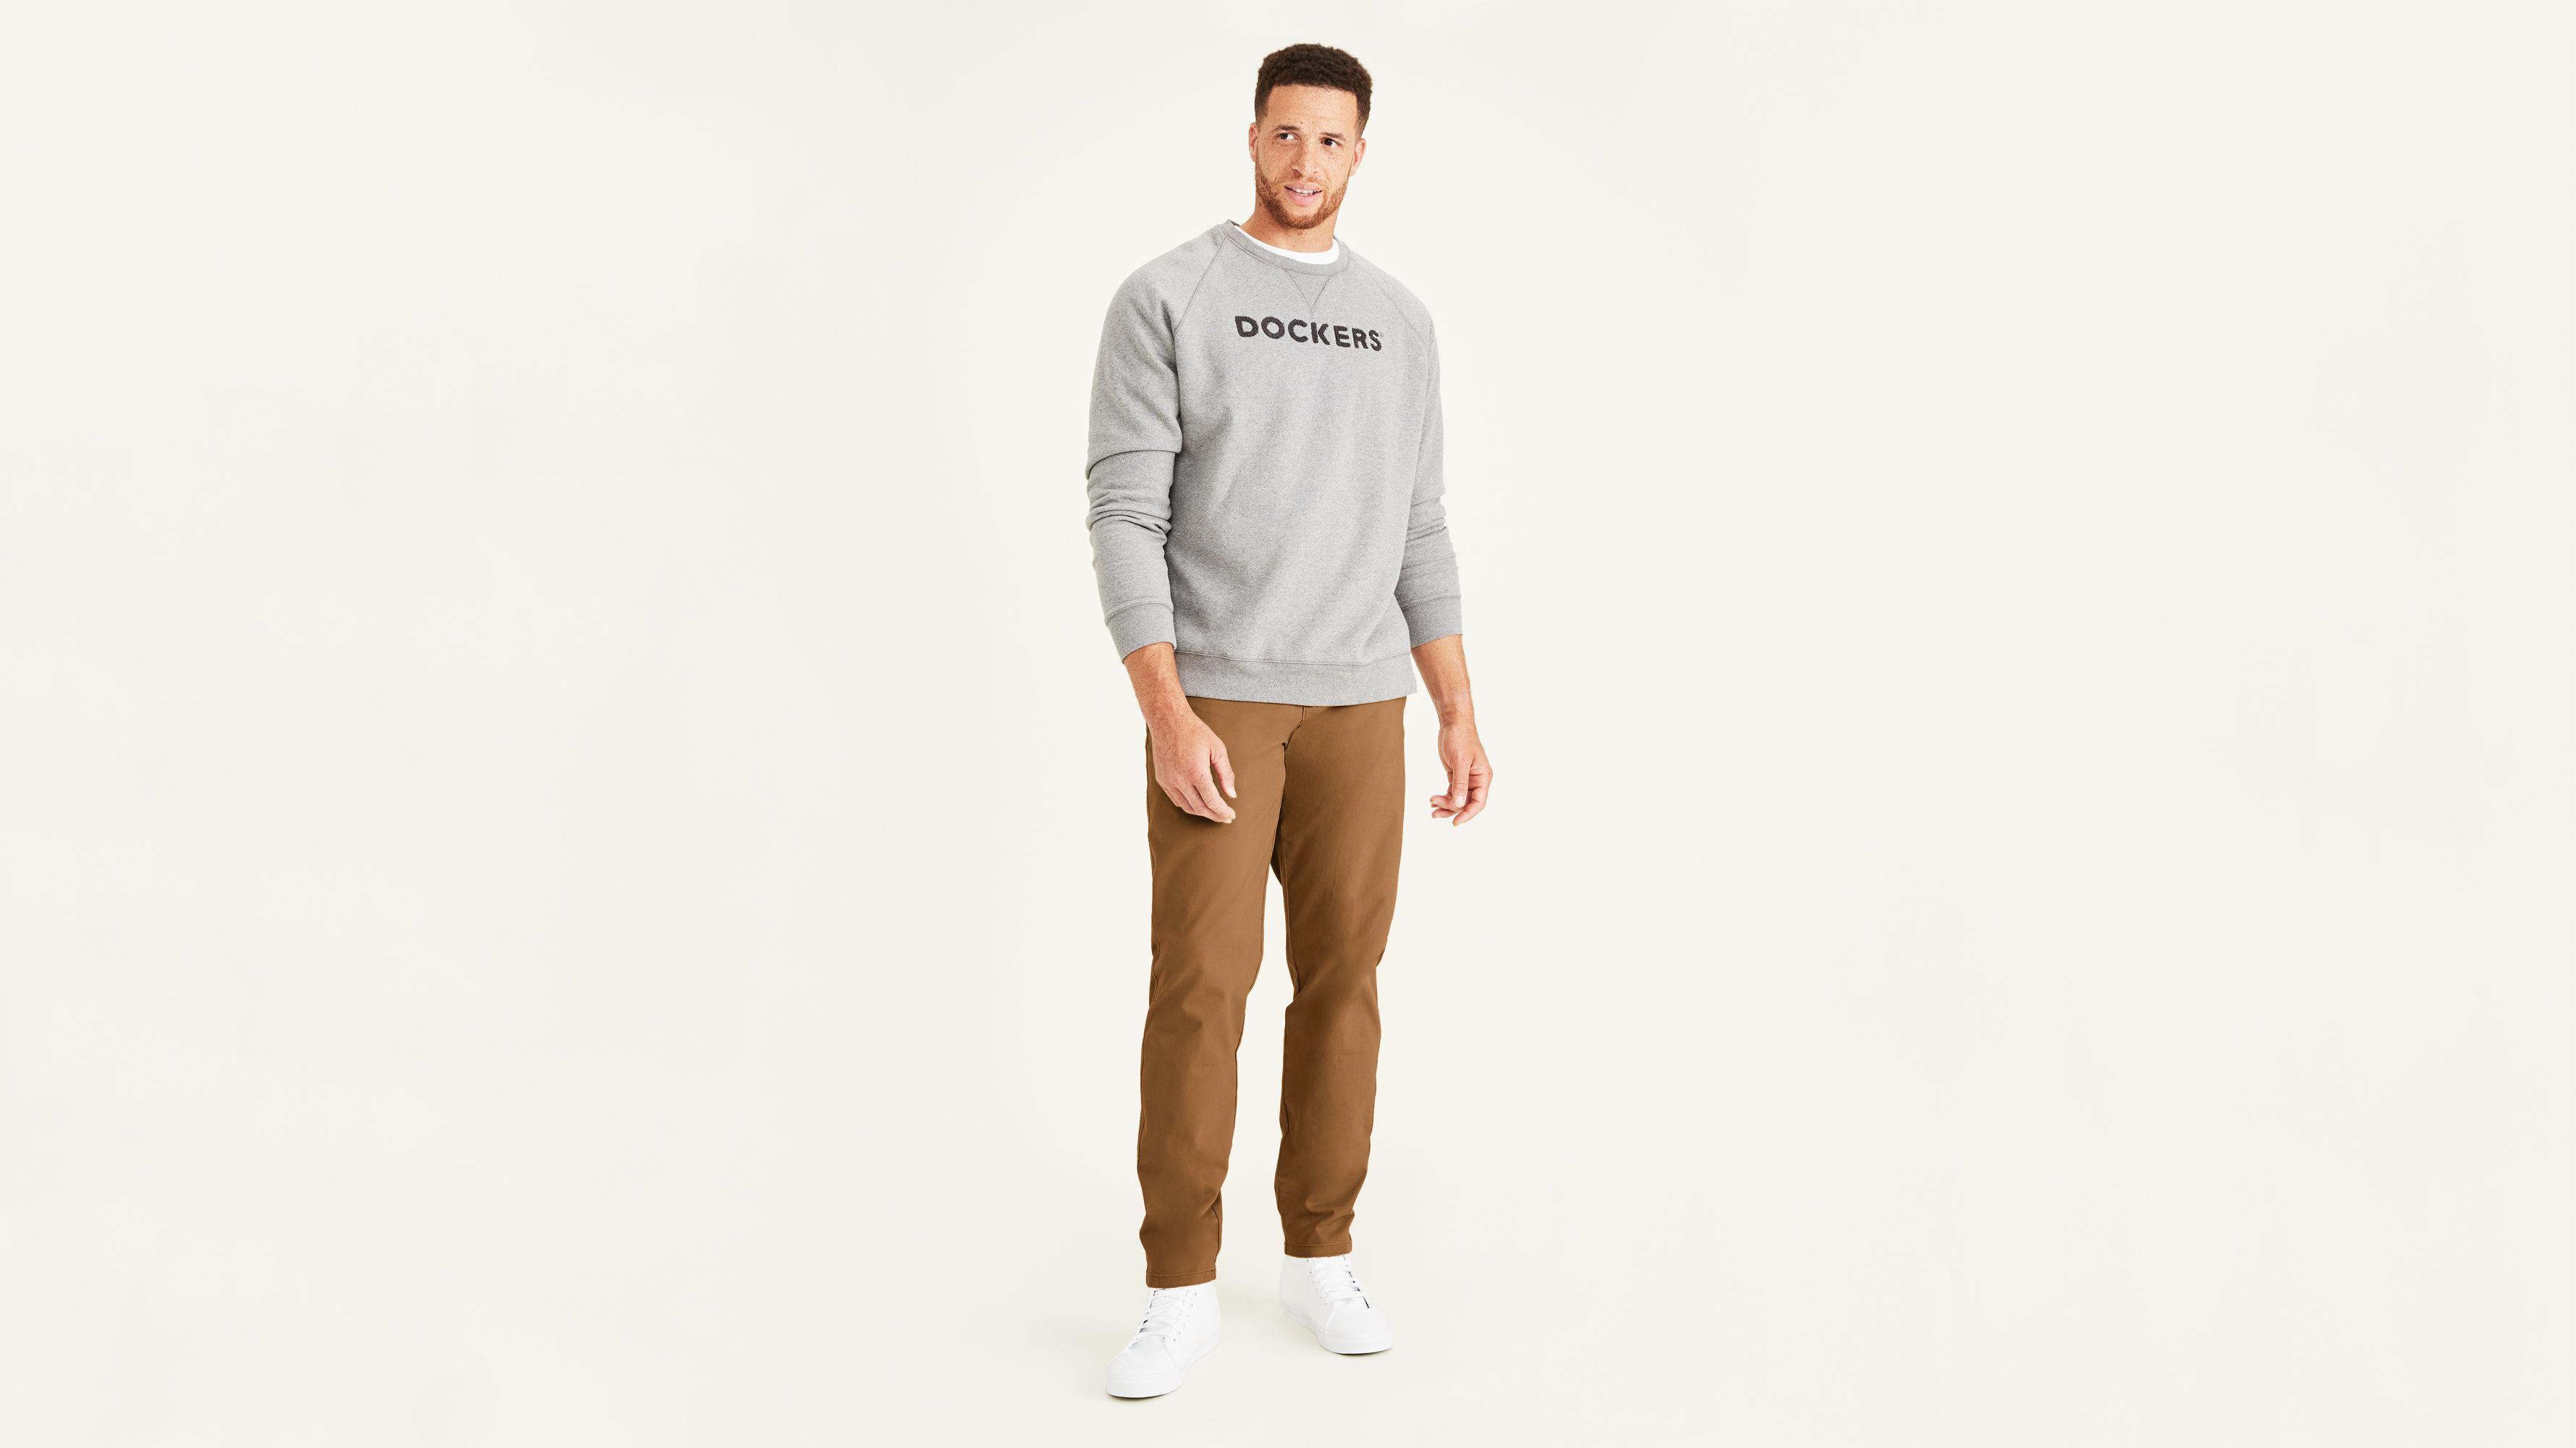 Men/'s Black Cotton Jeans Big /& Tall Size Baggy Pants 36 38 40 42 44 46 48 50 52